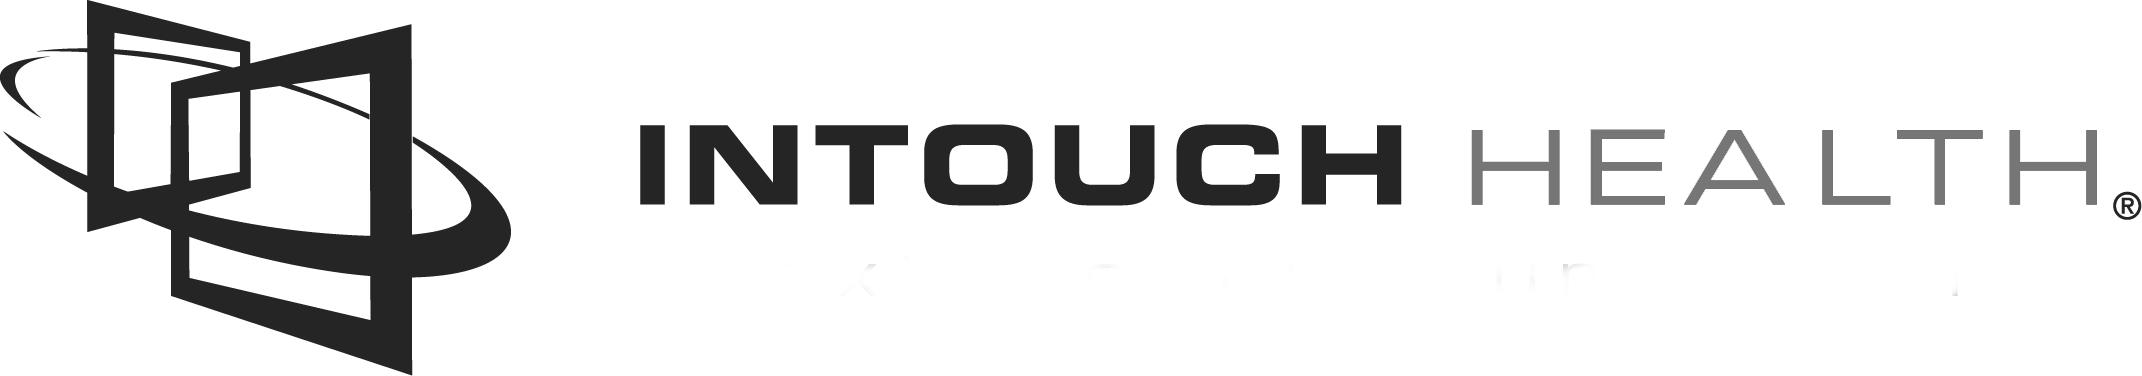 Fullhoriz logoblack